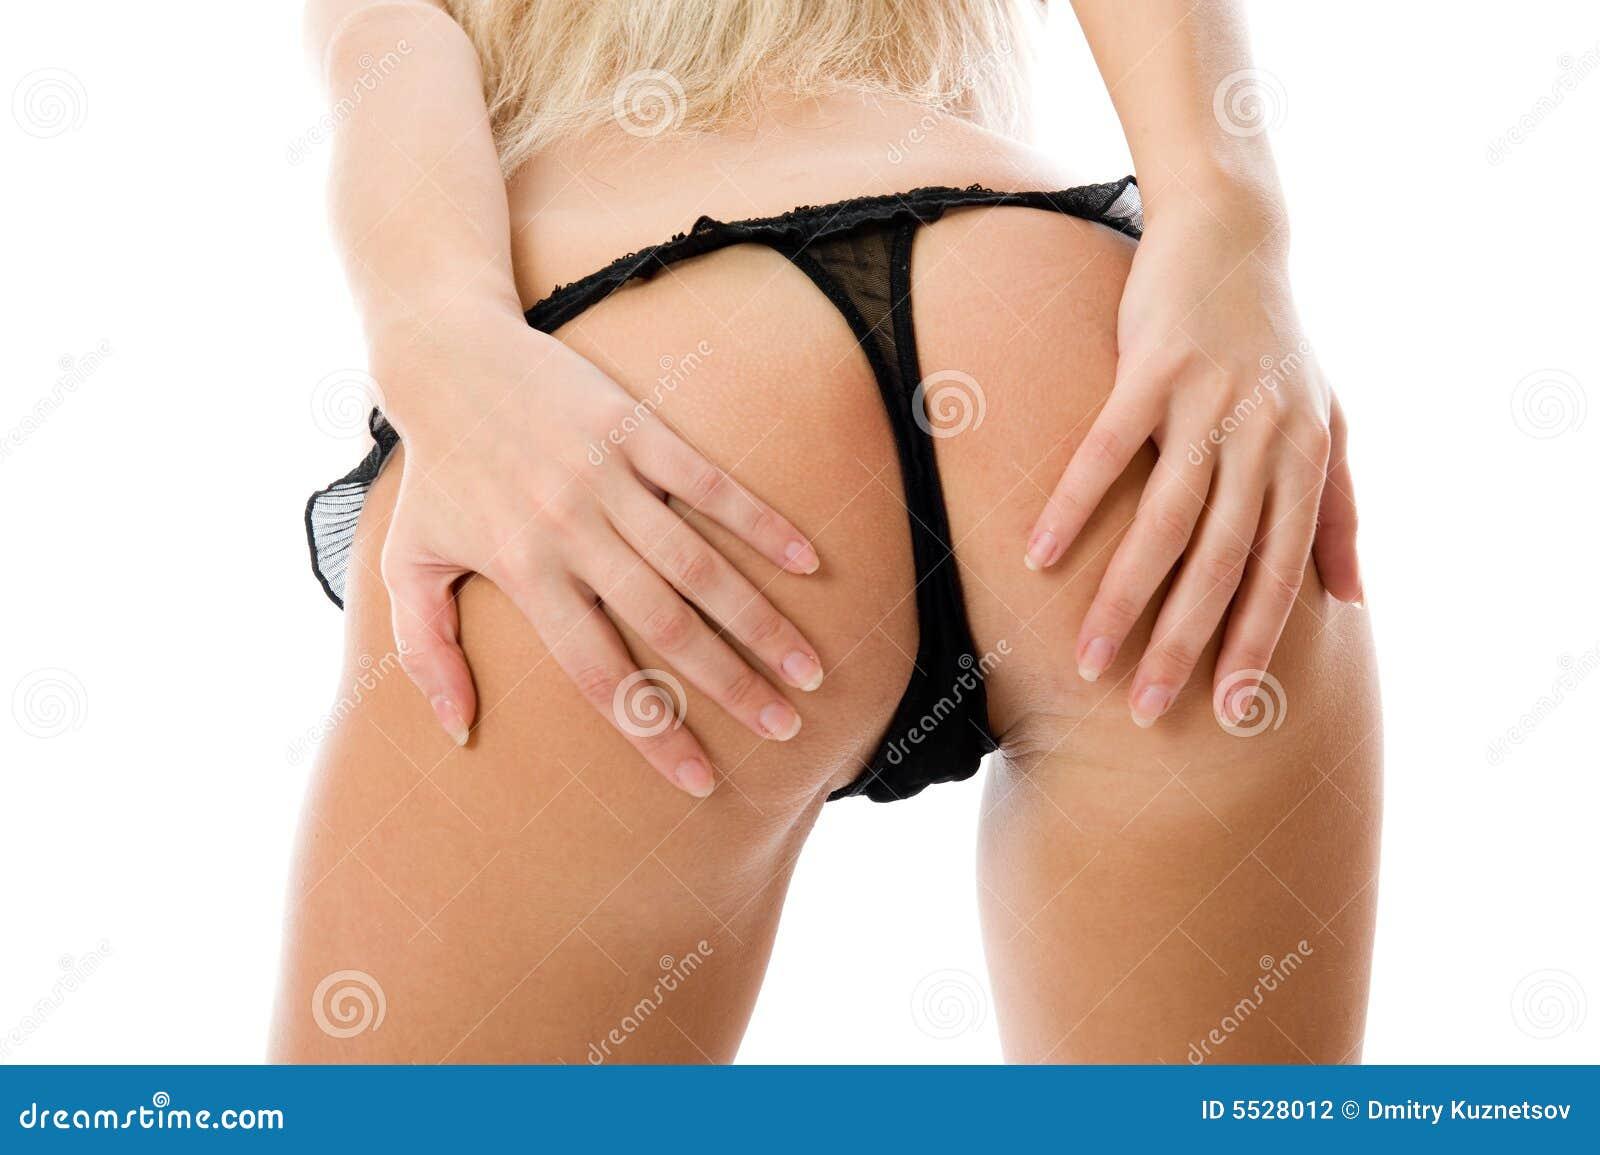 Anúncio de namoro sexy  gratuito Plana-8208